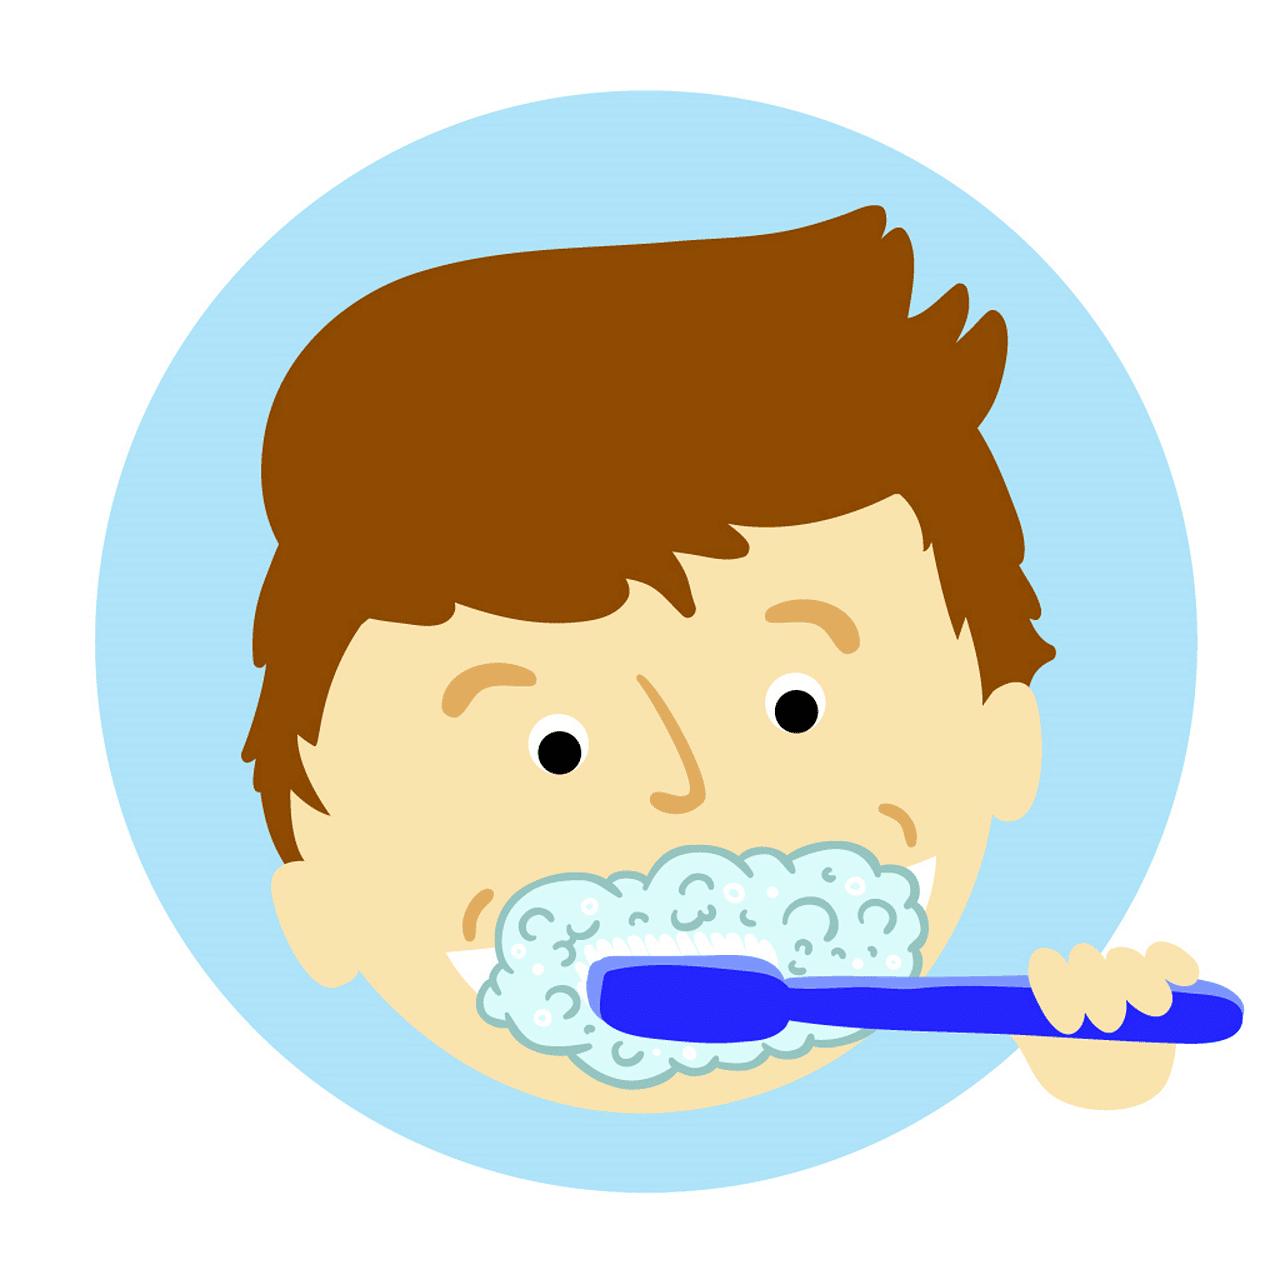 dentifrice junior quel dentifrice à 1,1 ans dentifrice adulte à partir de quel âge bébé 2 ans